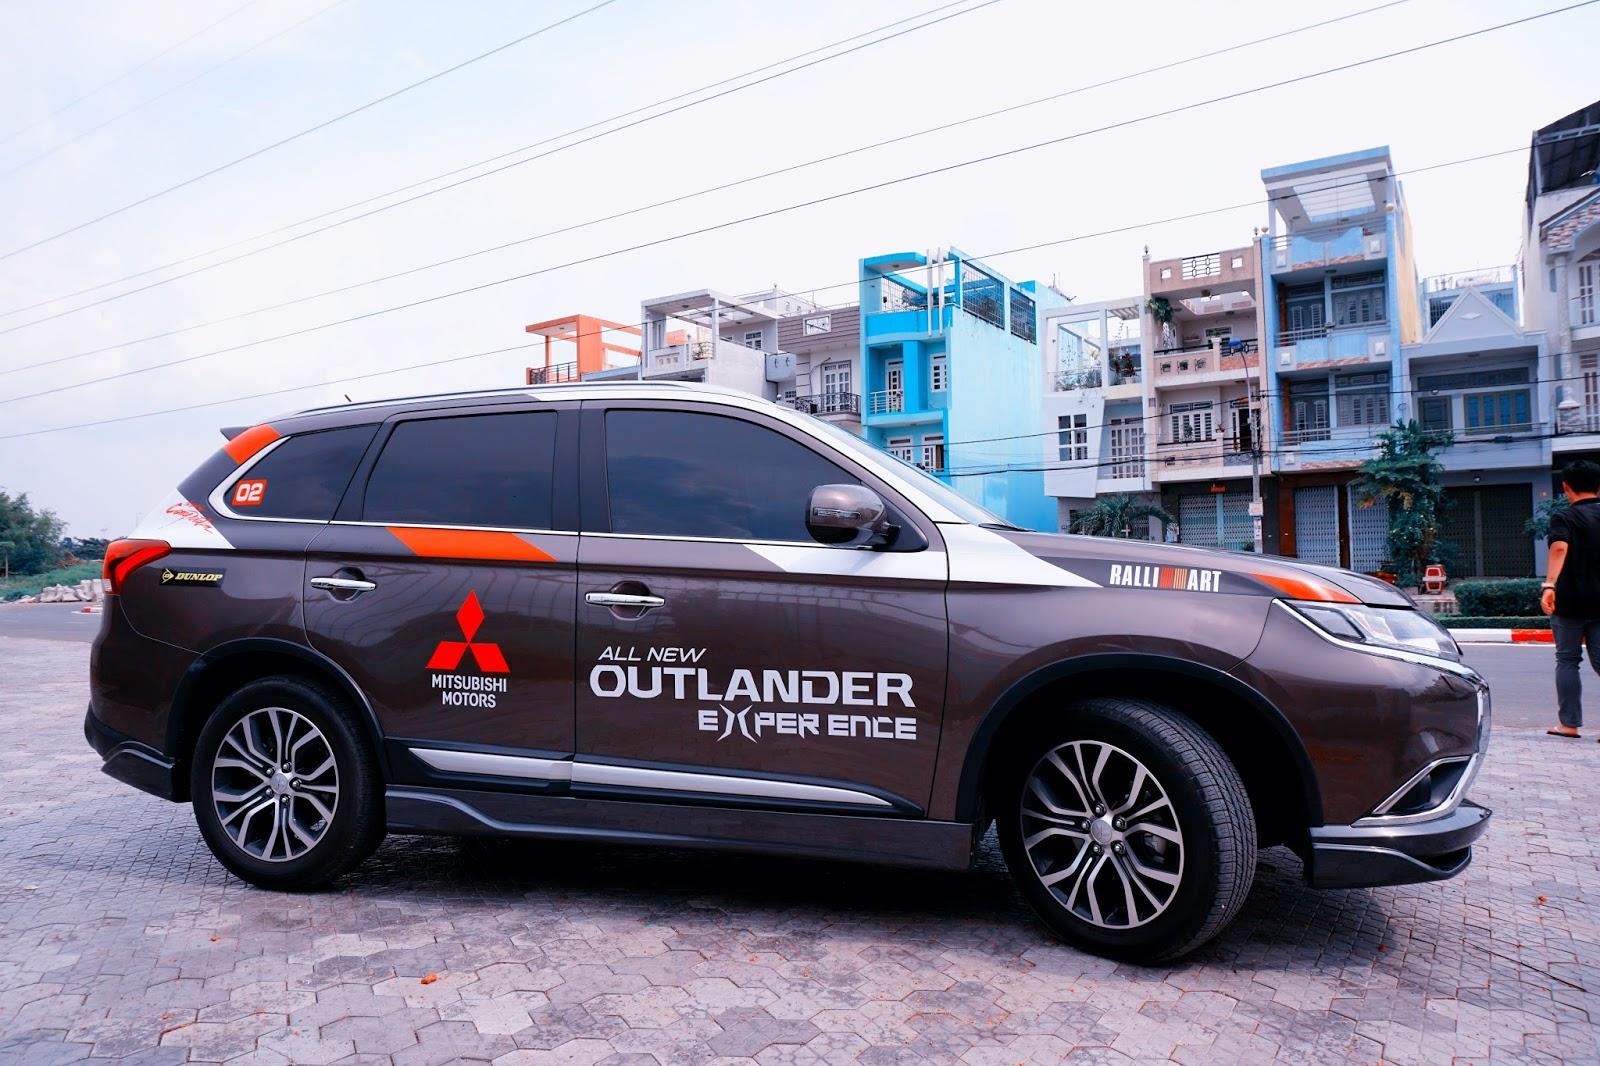 Outlander là một chiếc xe vừa phù hợp đường đô thị, vừa phù hợp những chuyến offroad